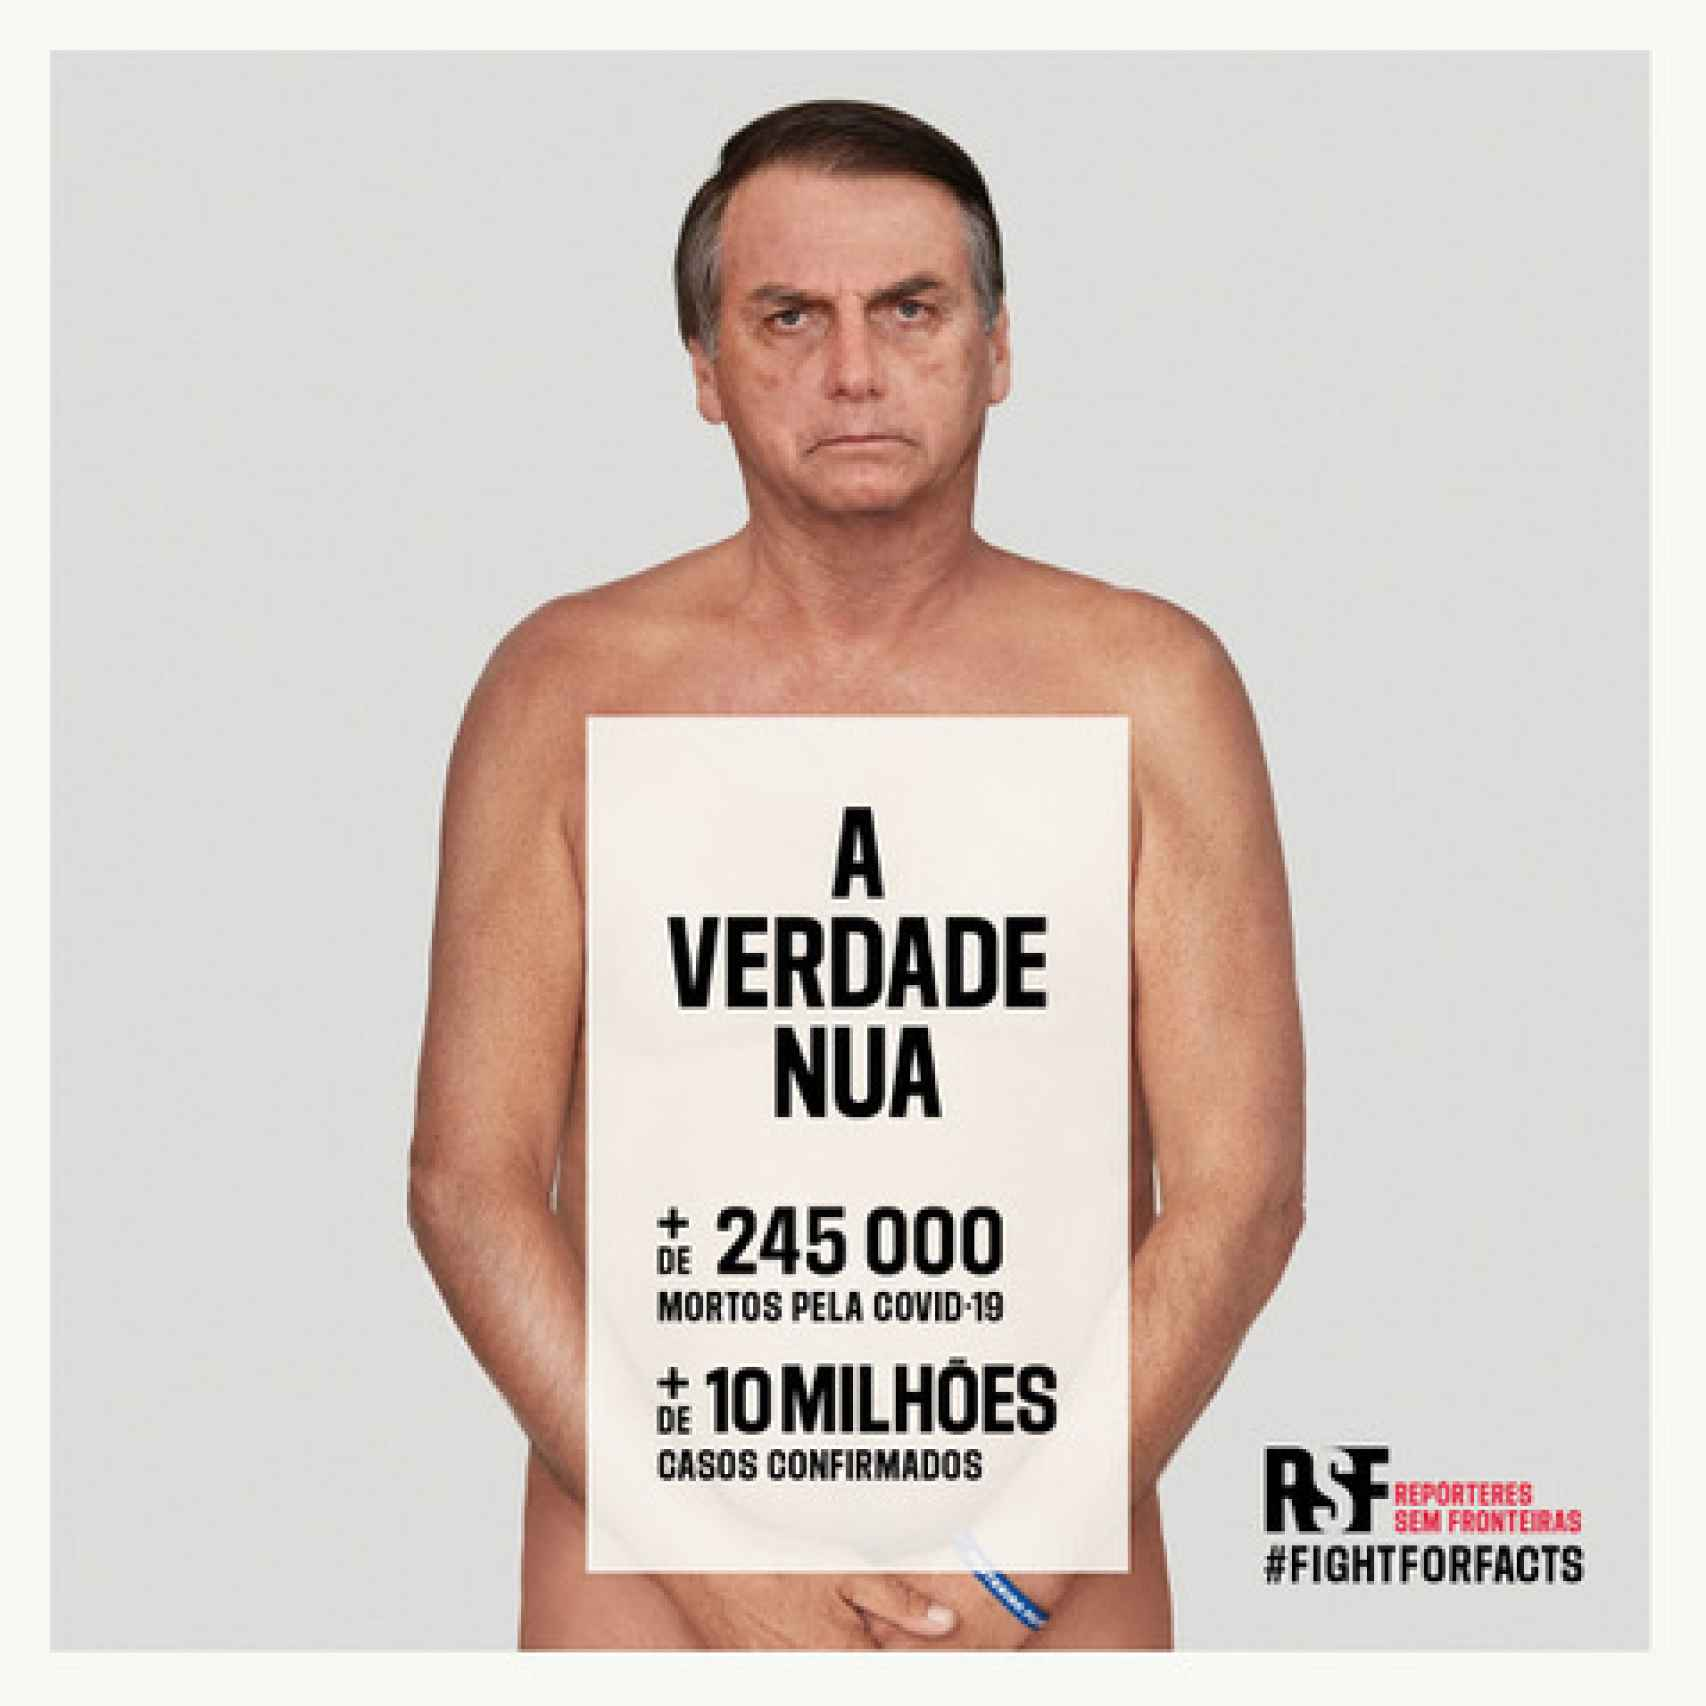 La campaña de Reporteros sin Fronteras.